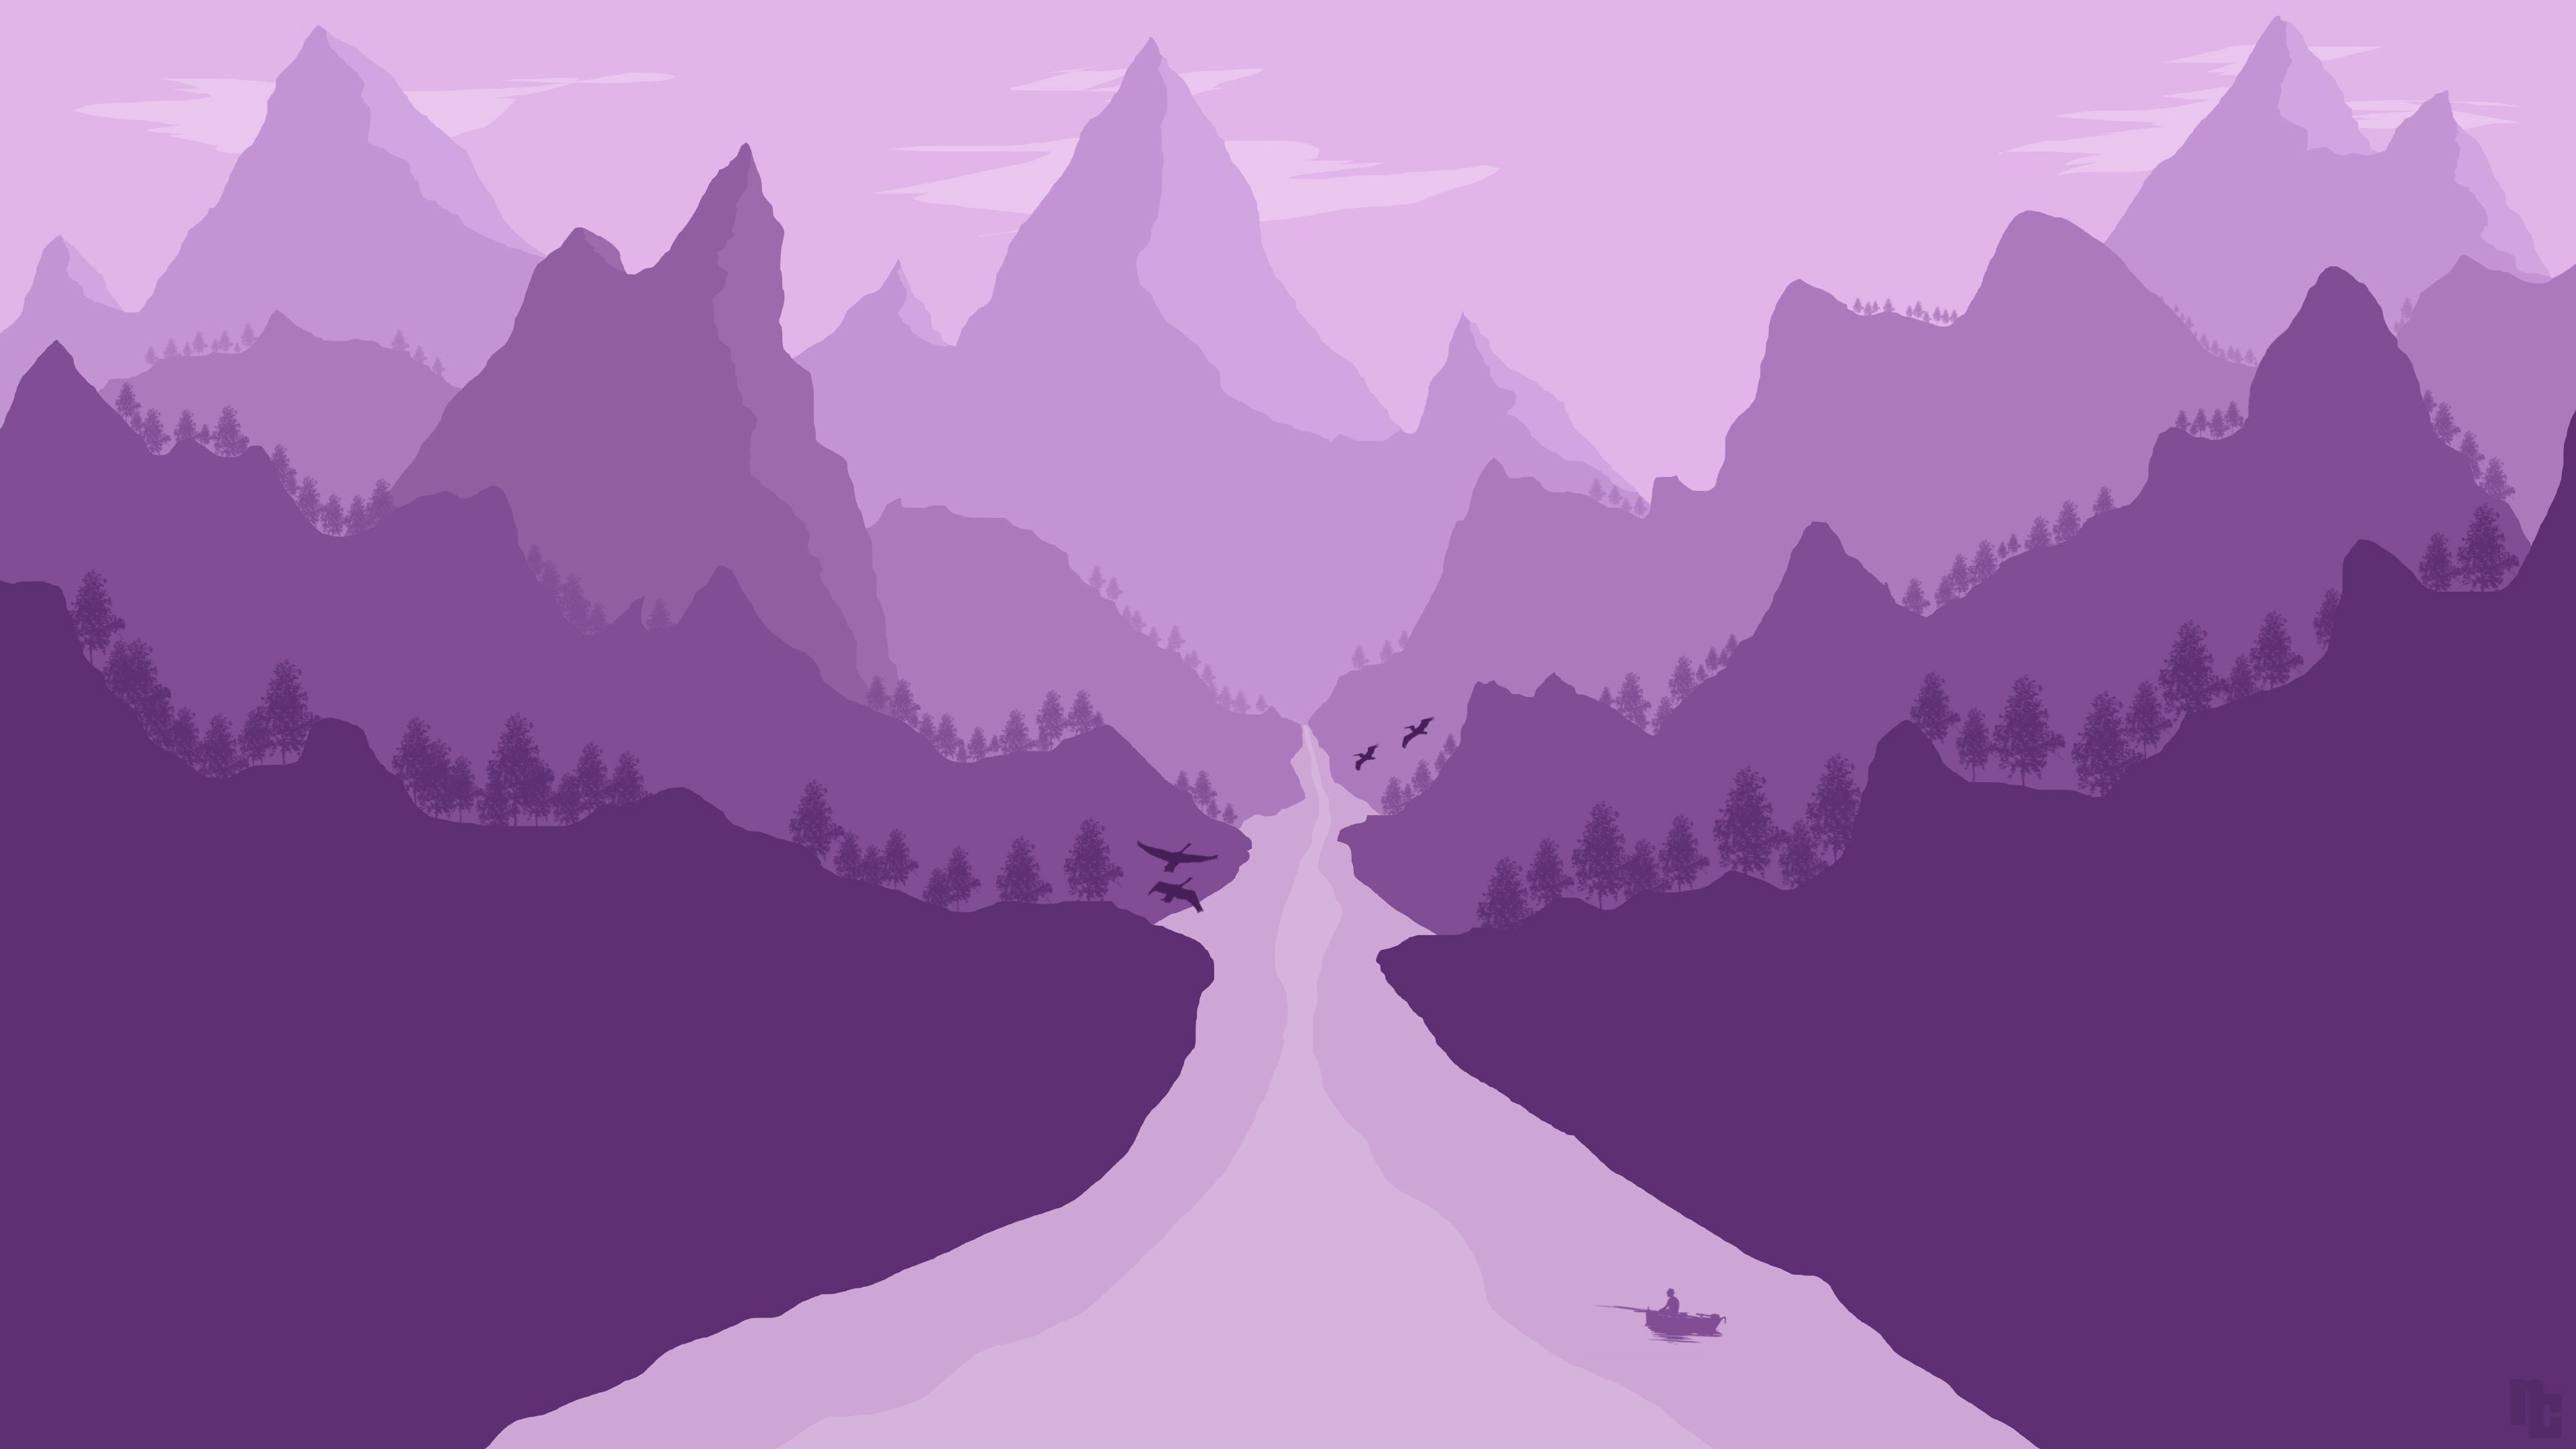 Minimalism Mountain Peak Full Hd Wallpaper: 2560x1440 Minimalism Landscape 1440P Resolution HD 4k